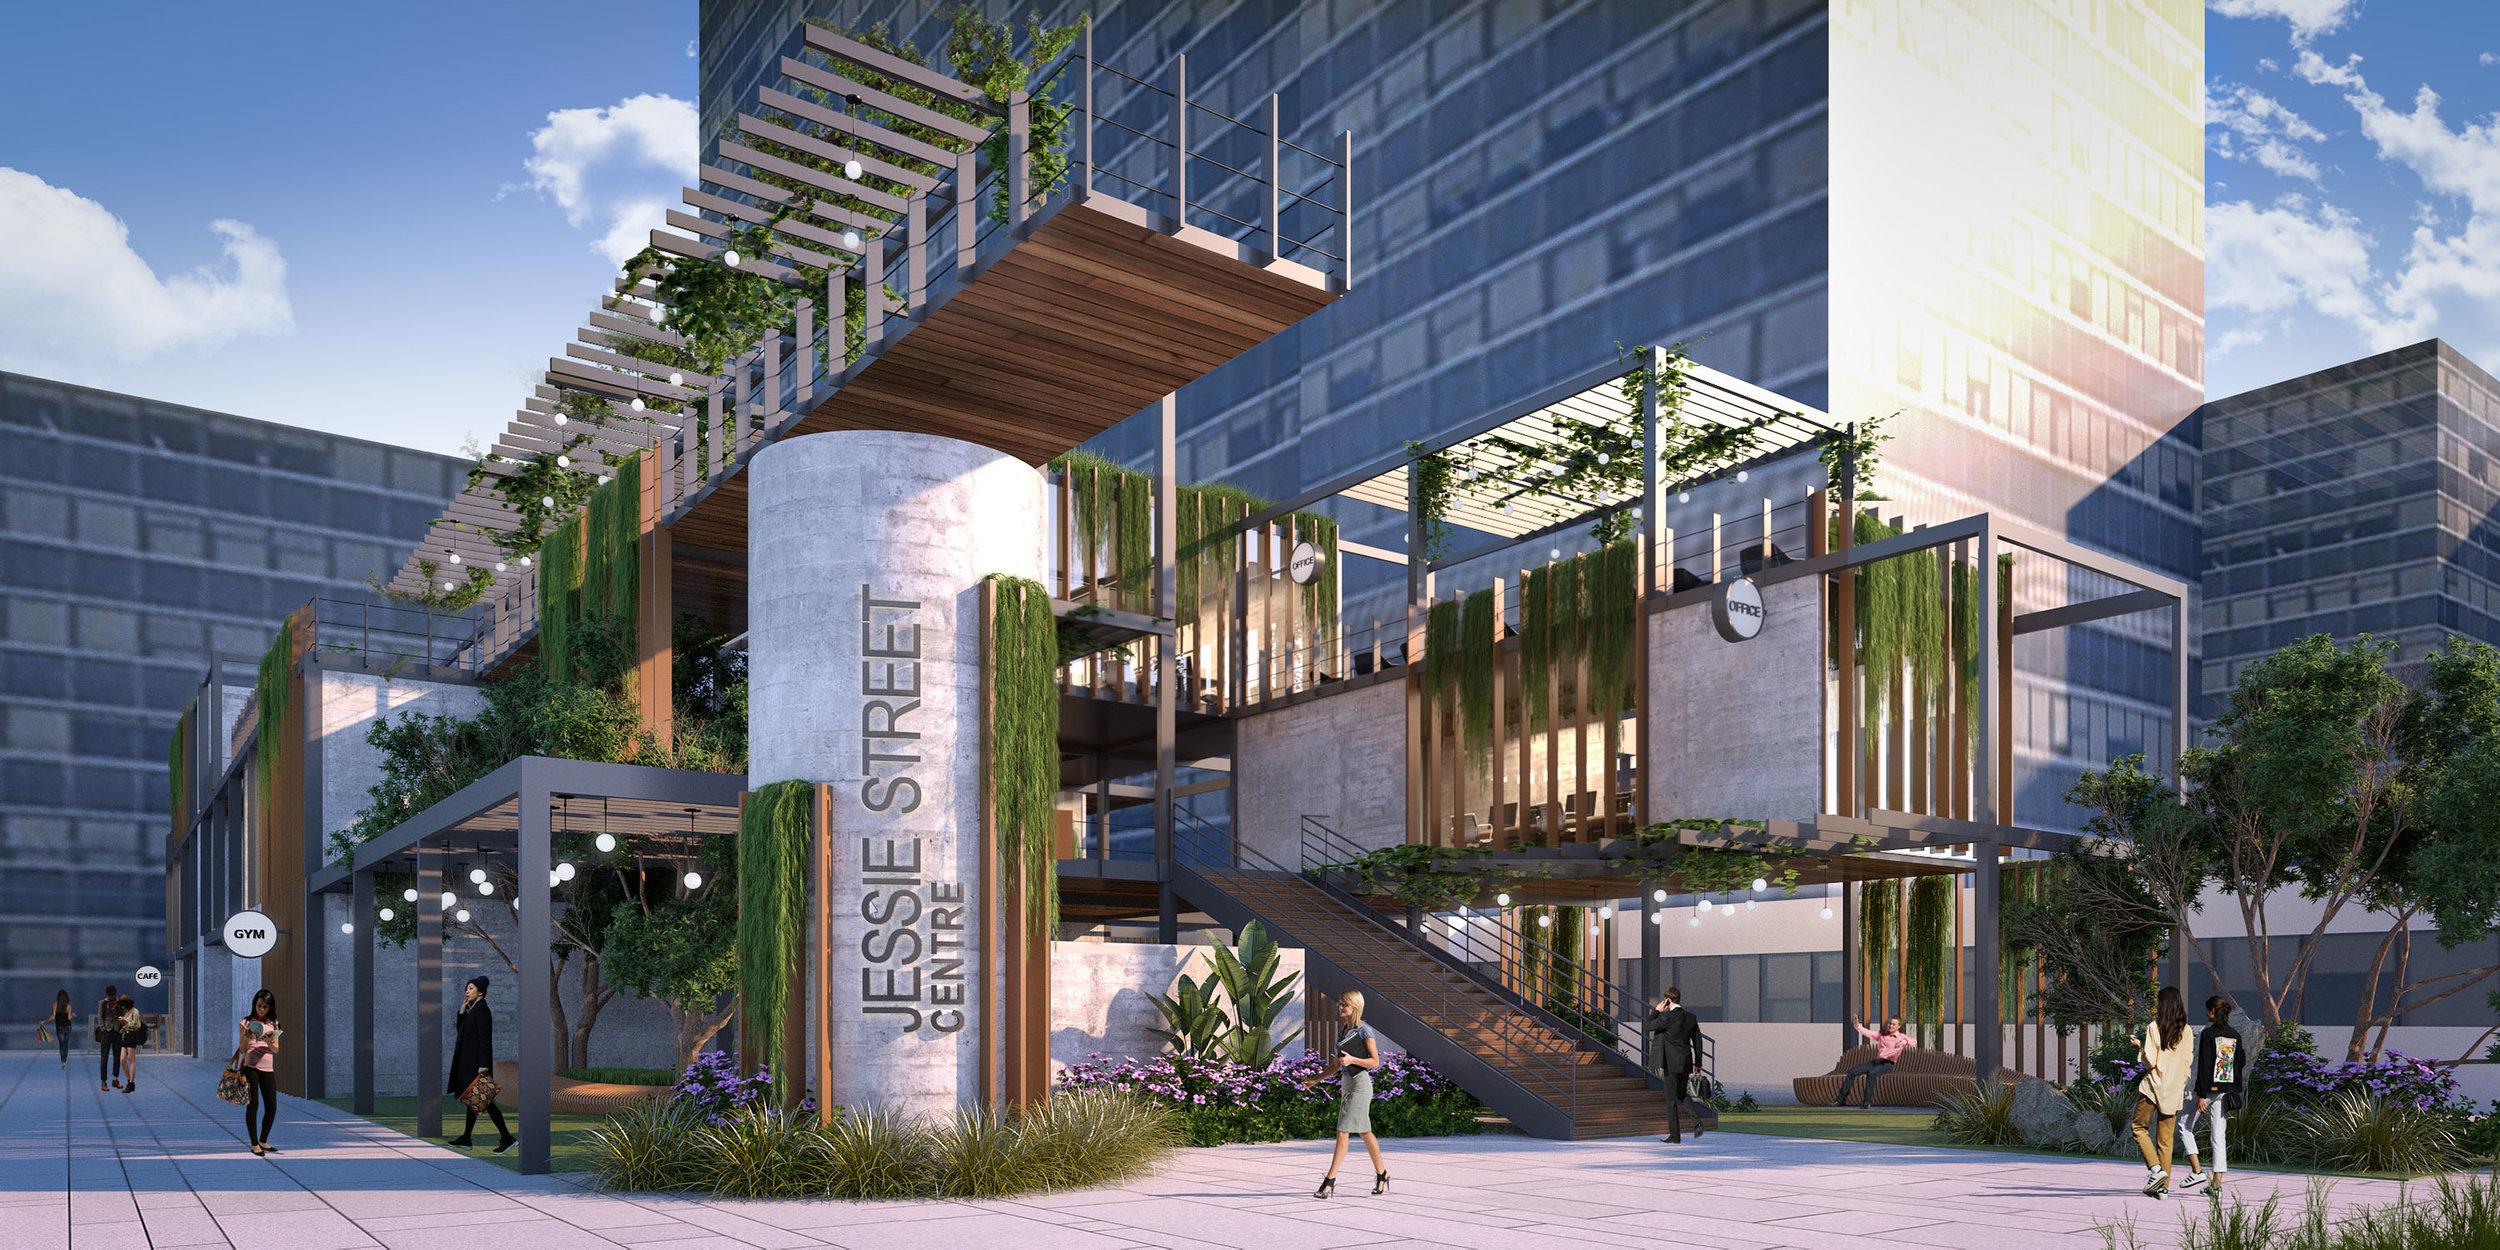 mode-design-Jessie Street Centre_01.jpg